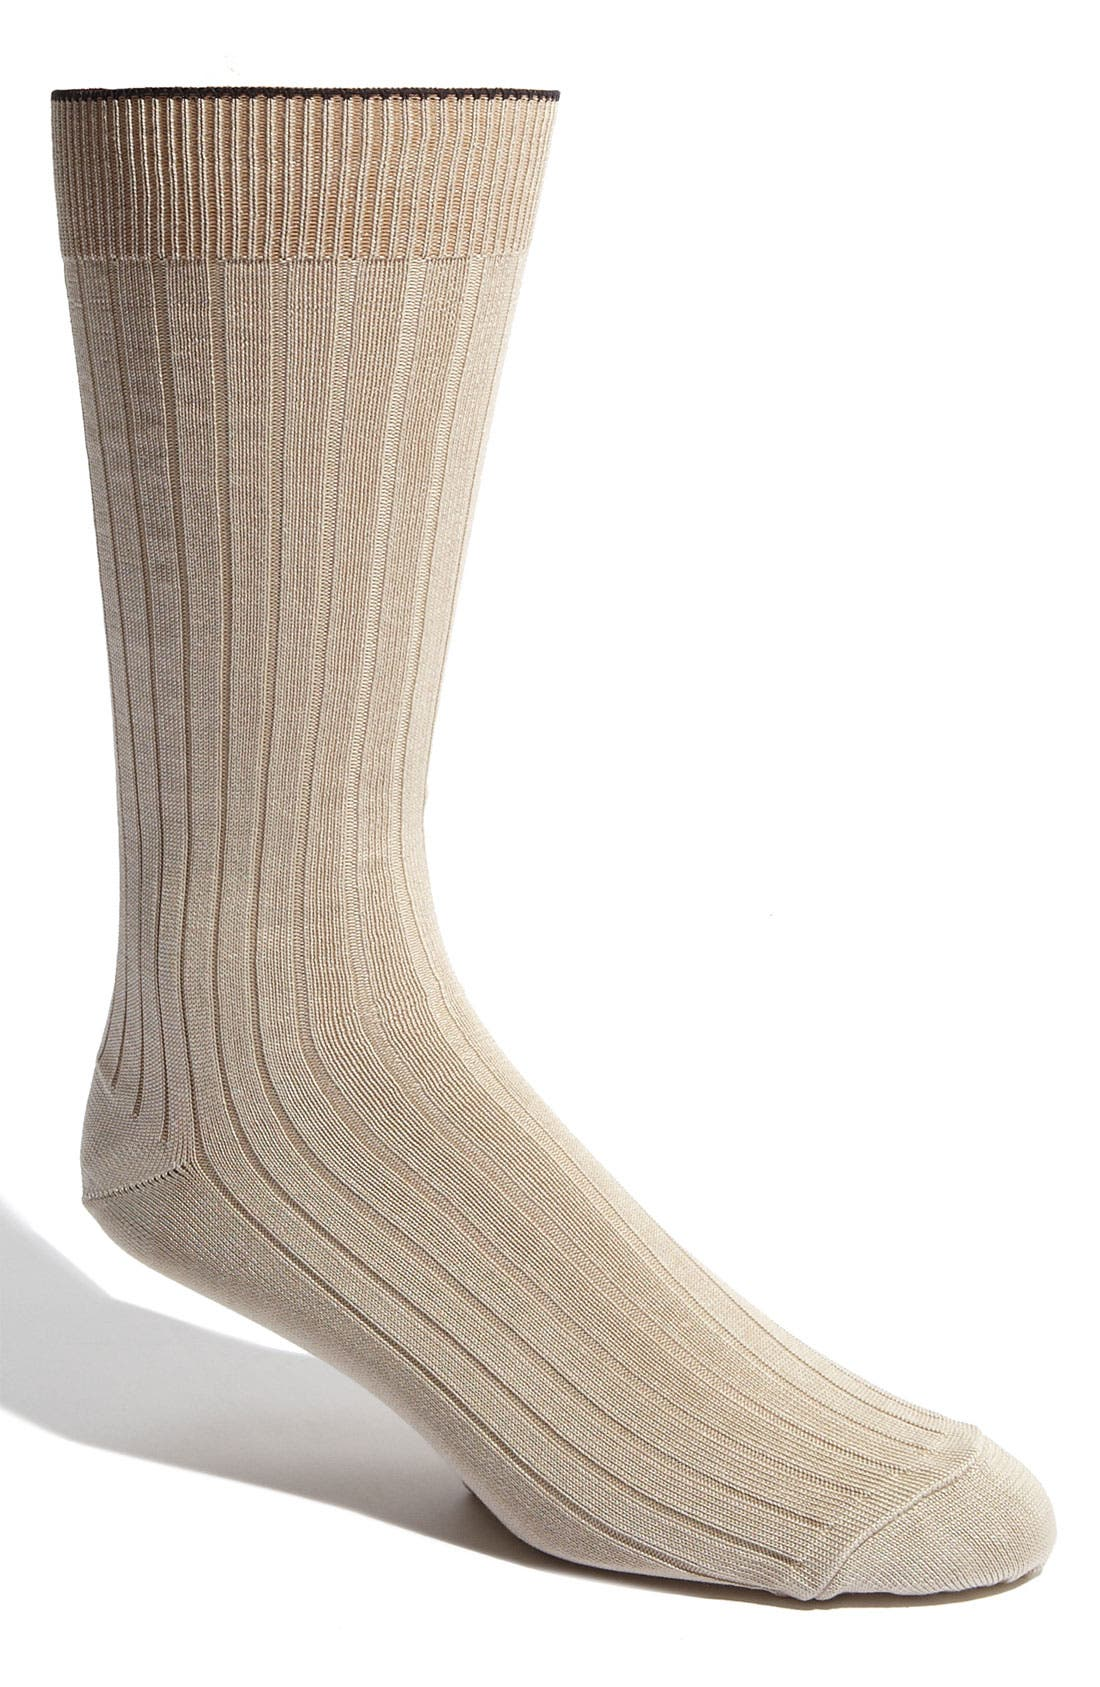 Nordstrom Mens Shop Cotton Blend Socks (Men) (3 for $30)